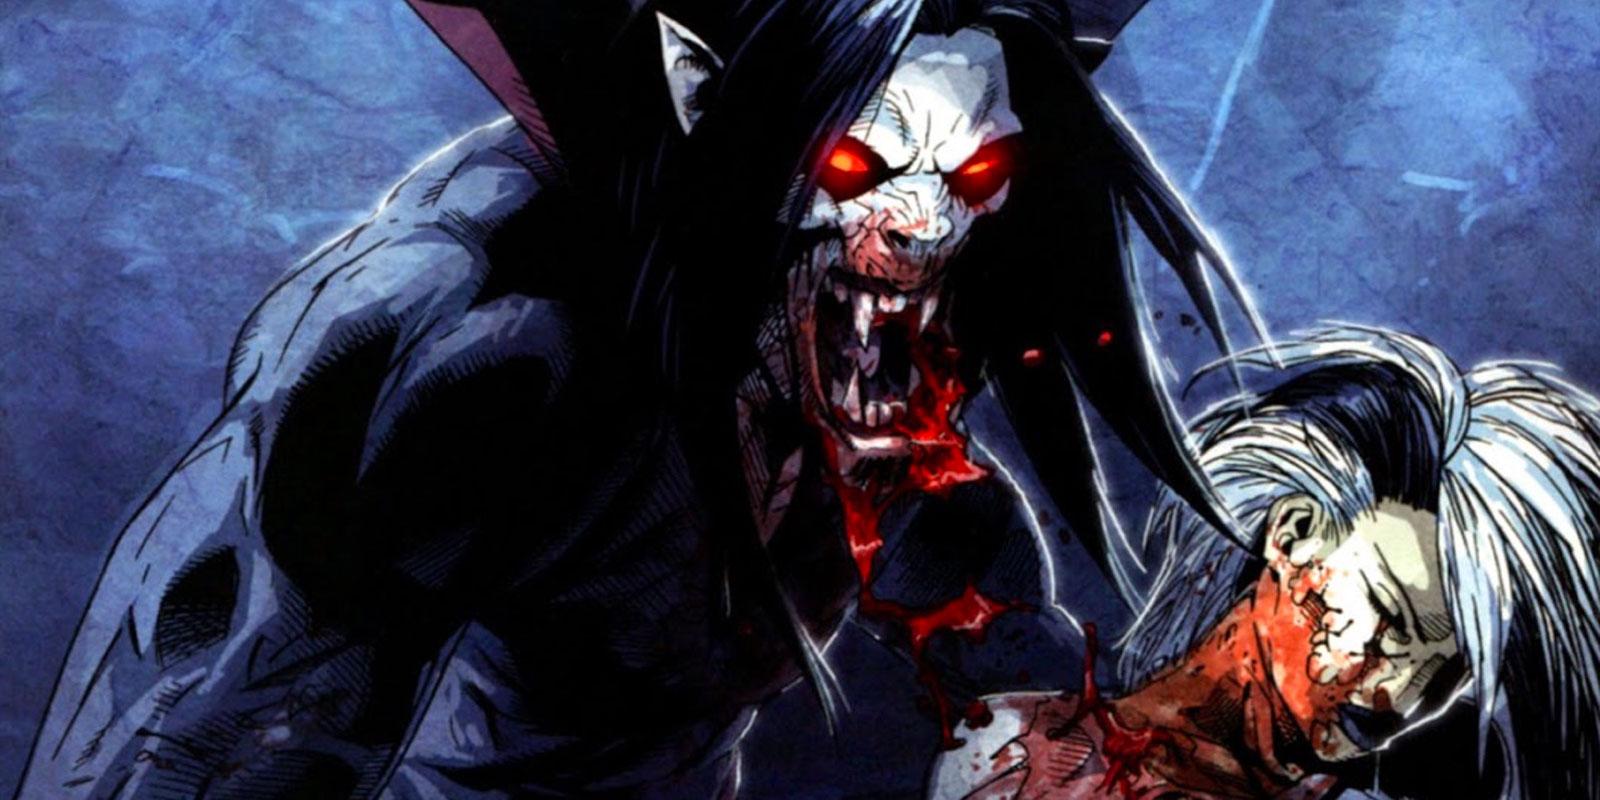 Морбиус - живой вампир был второстепенным персонажем Человека-паука